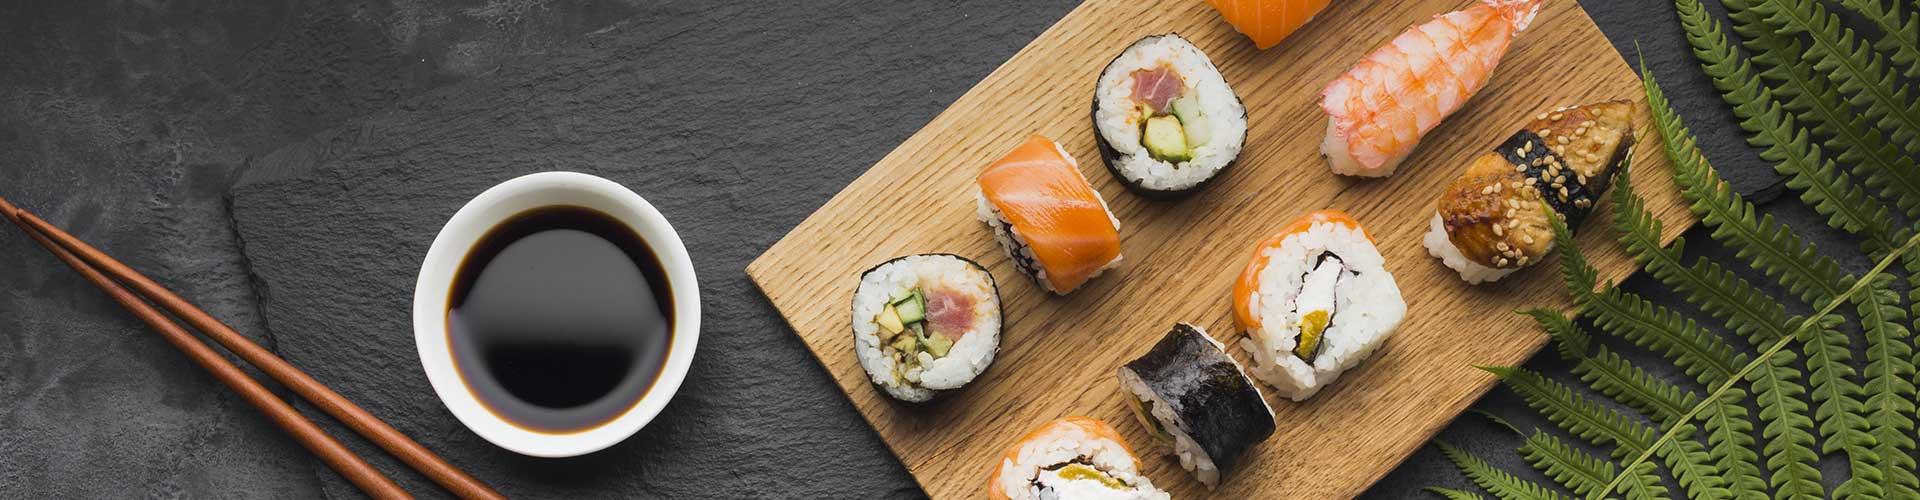 Sushi a Eaunes